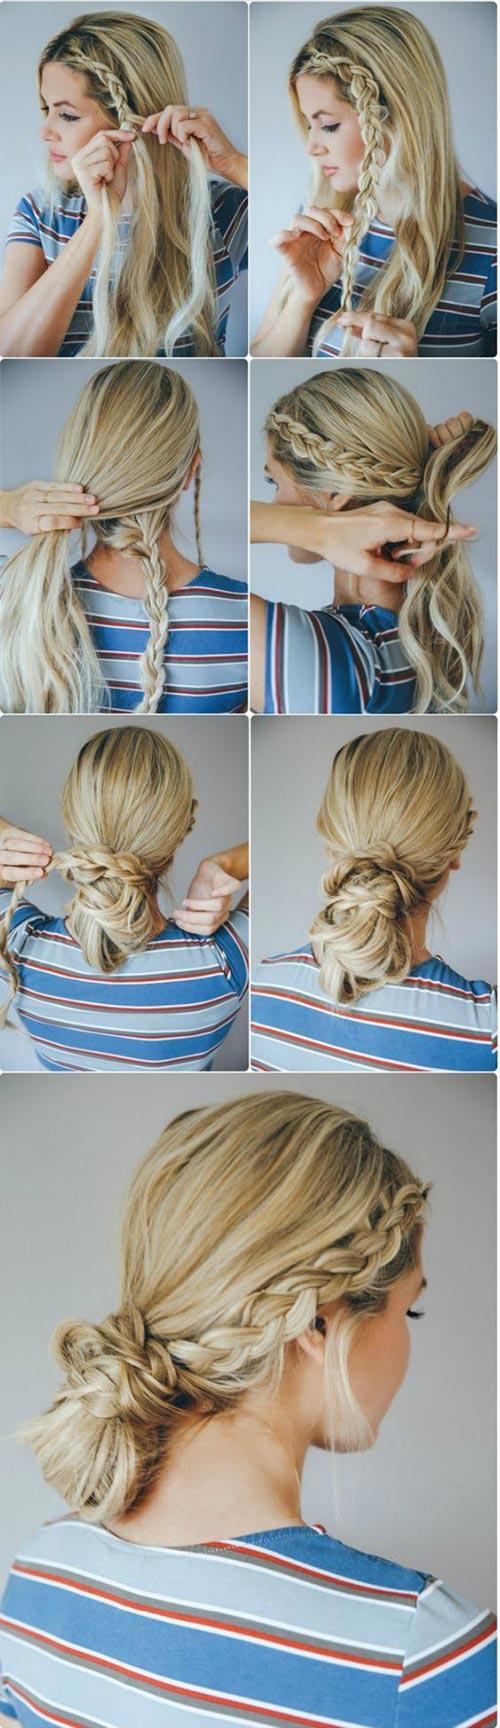 Messy twisted braid bun